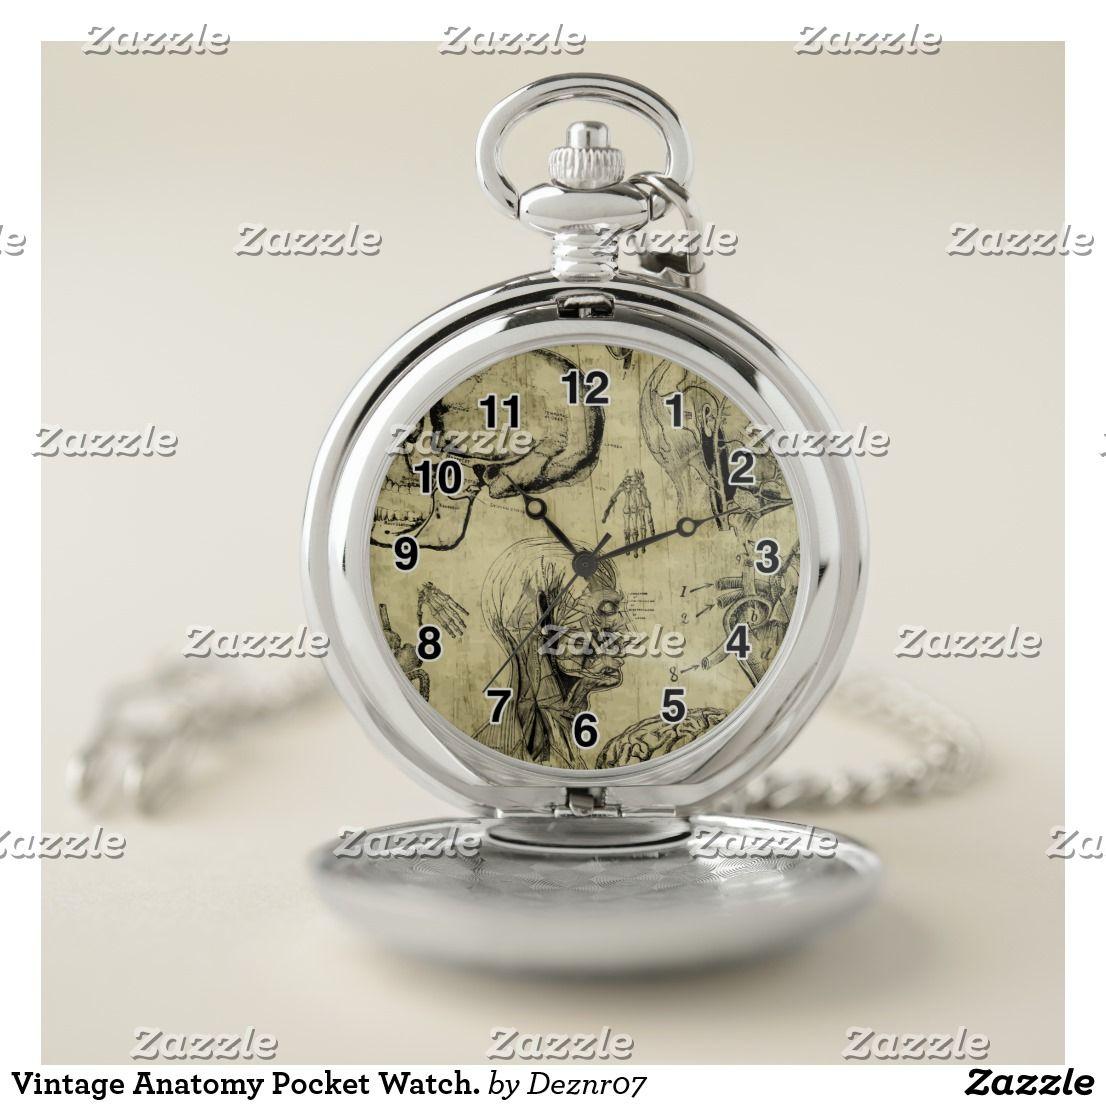 0bcbc9319 Vintage Anatomy Pocket Watch. Pocket Watch | Zazzle.com | Pocket ...